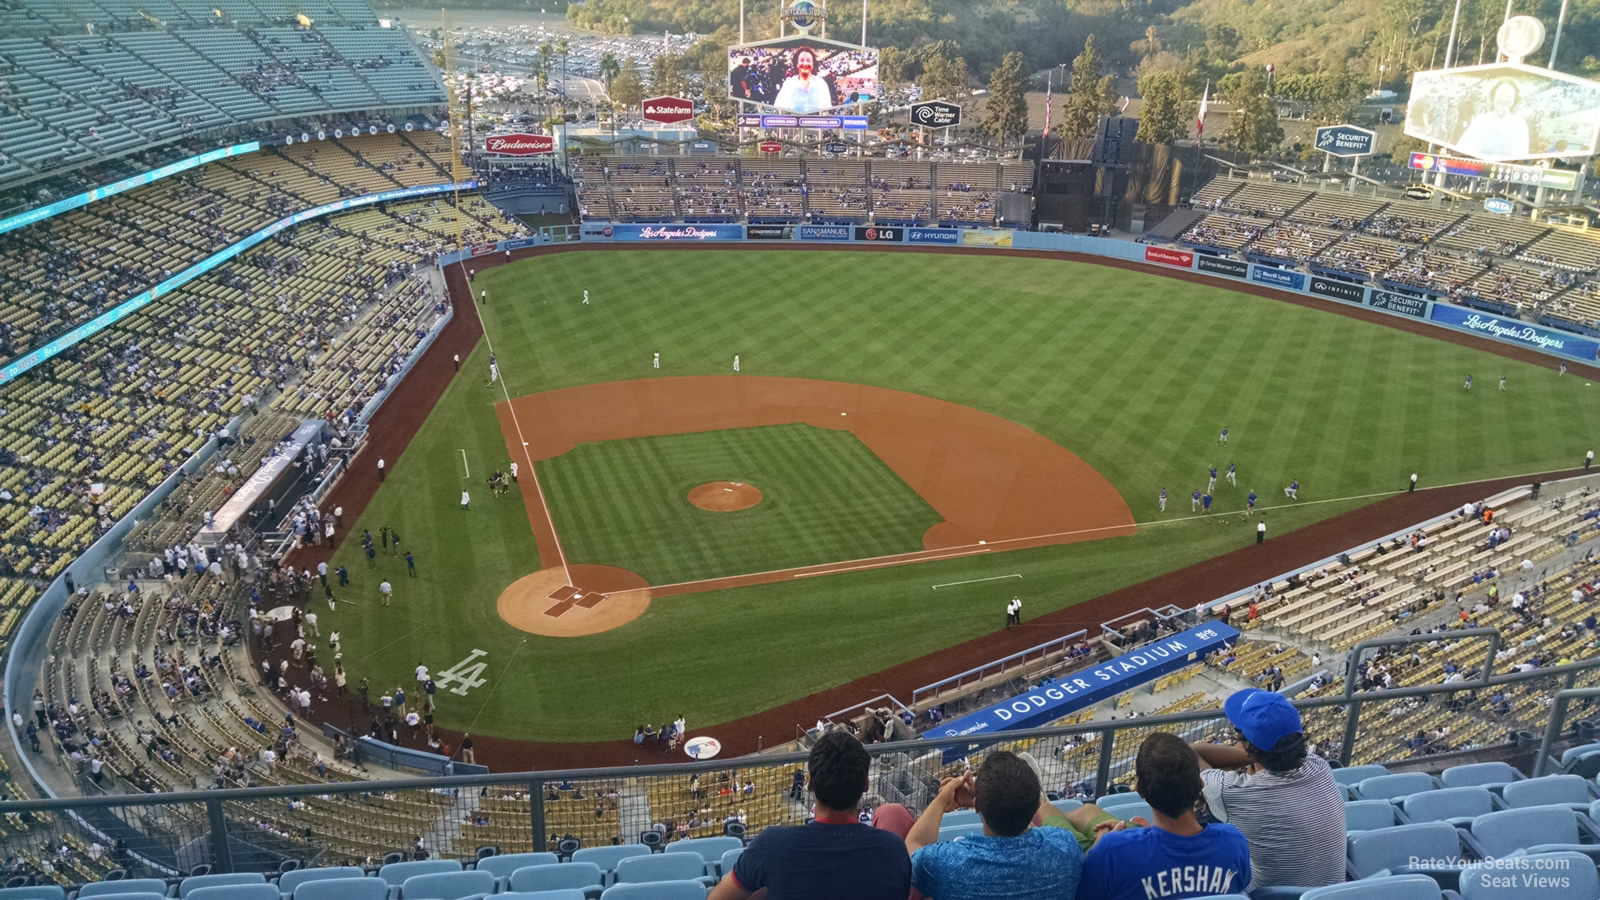 Dodger Stadium Top Deck 8 - RateYourSeats.com